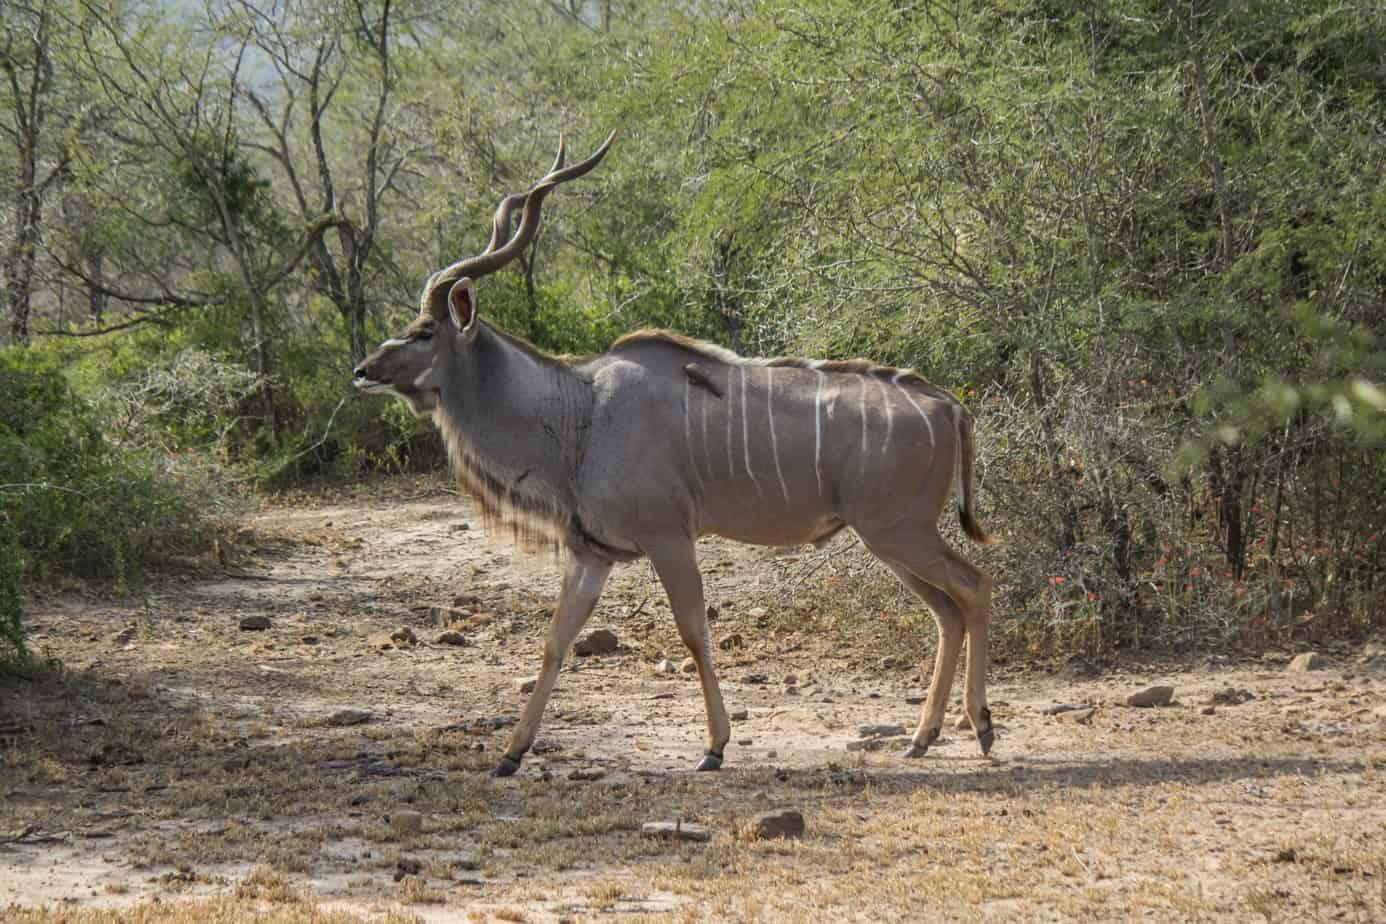 Greater Kudu @ Hluhluwe-iMfolozi Park. Photo: Håvard Rosenlund